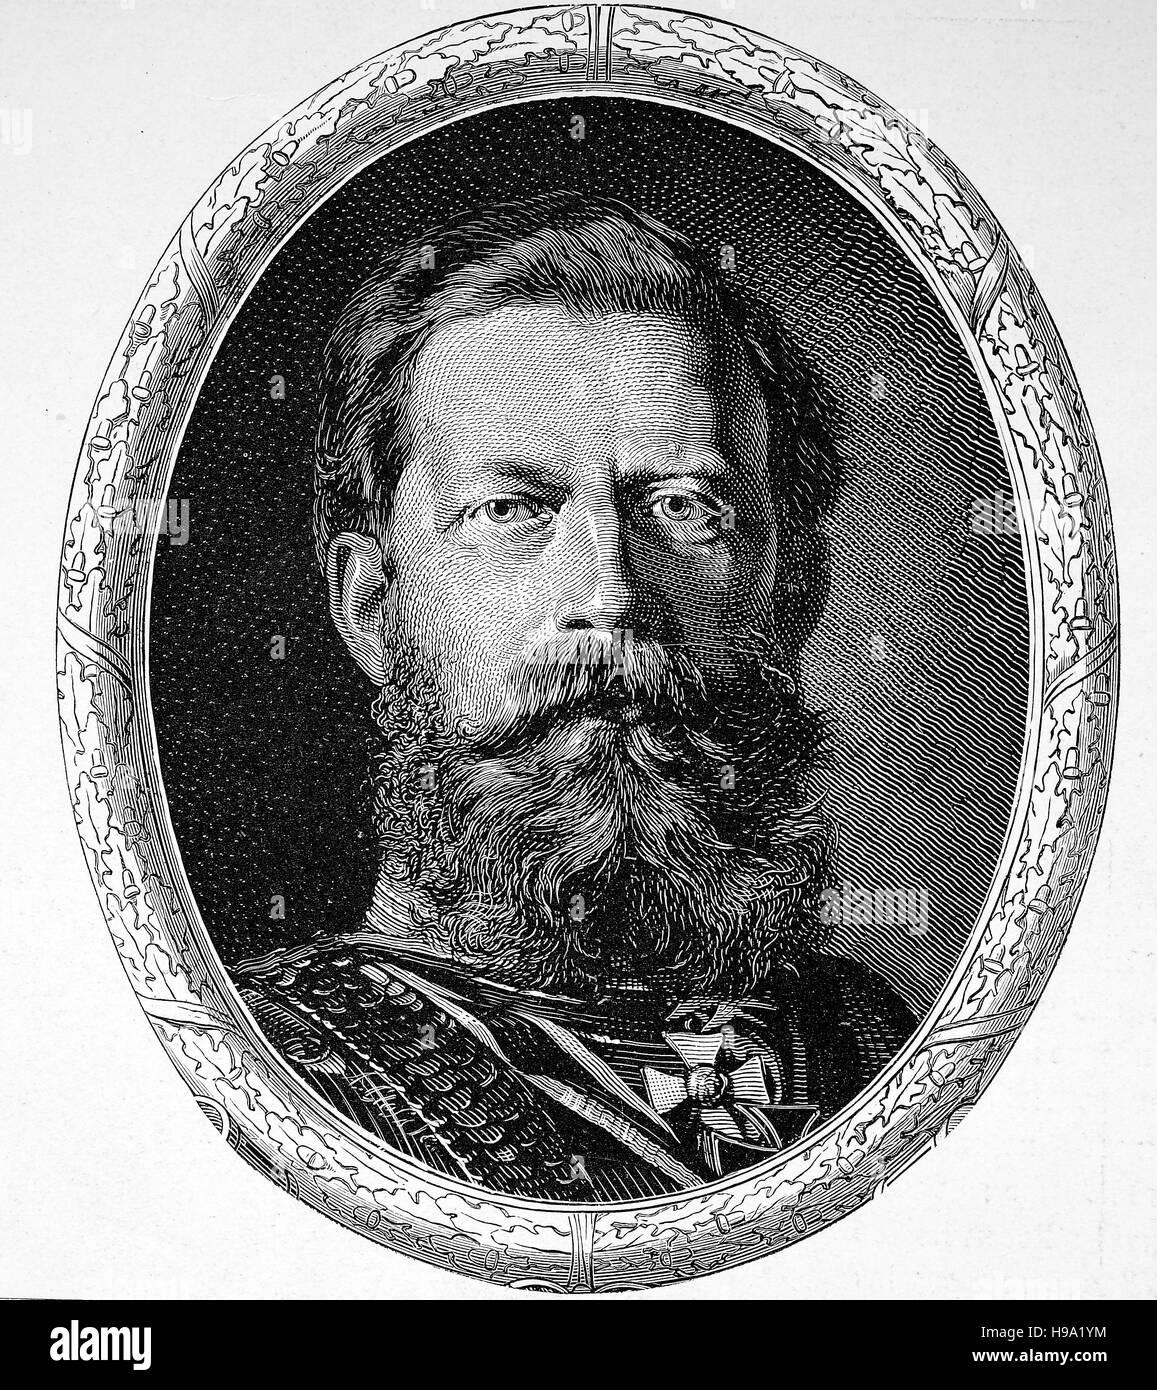 Wilhelm Friedrich Ludwig von Preussen in Berlin, Hohenzollern, historical illustration - Stock Image